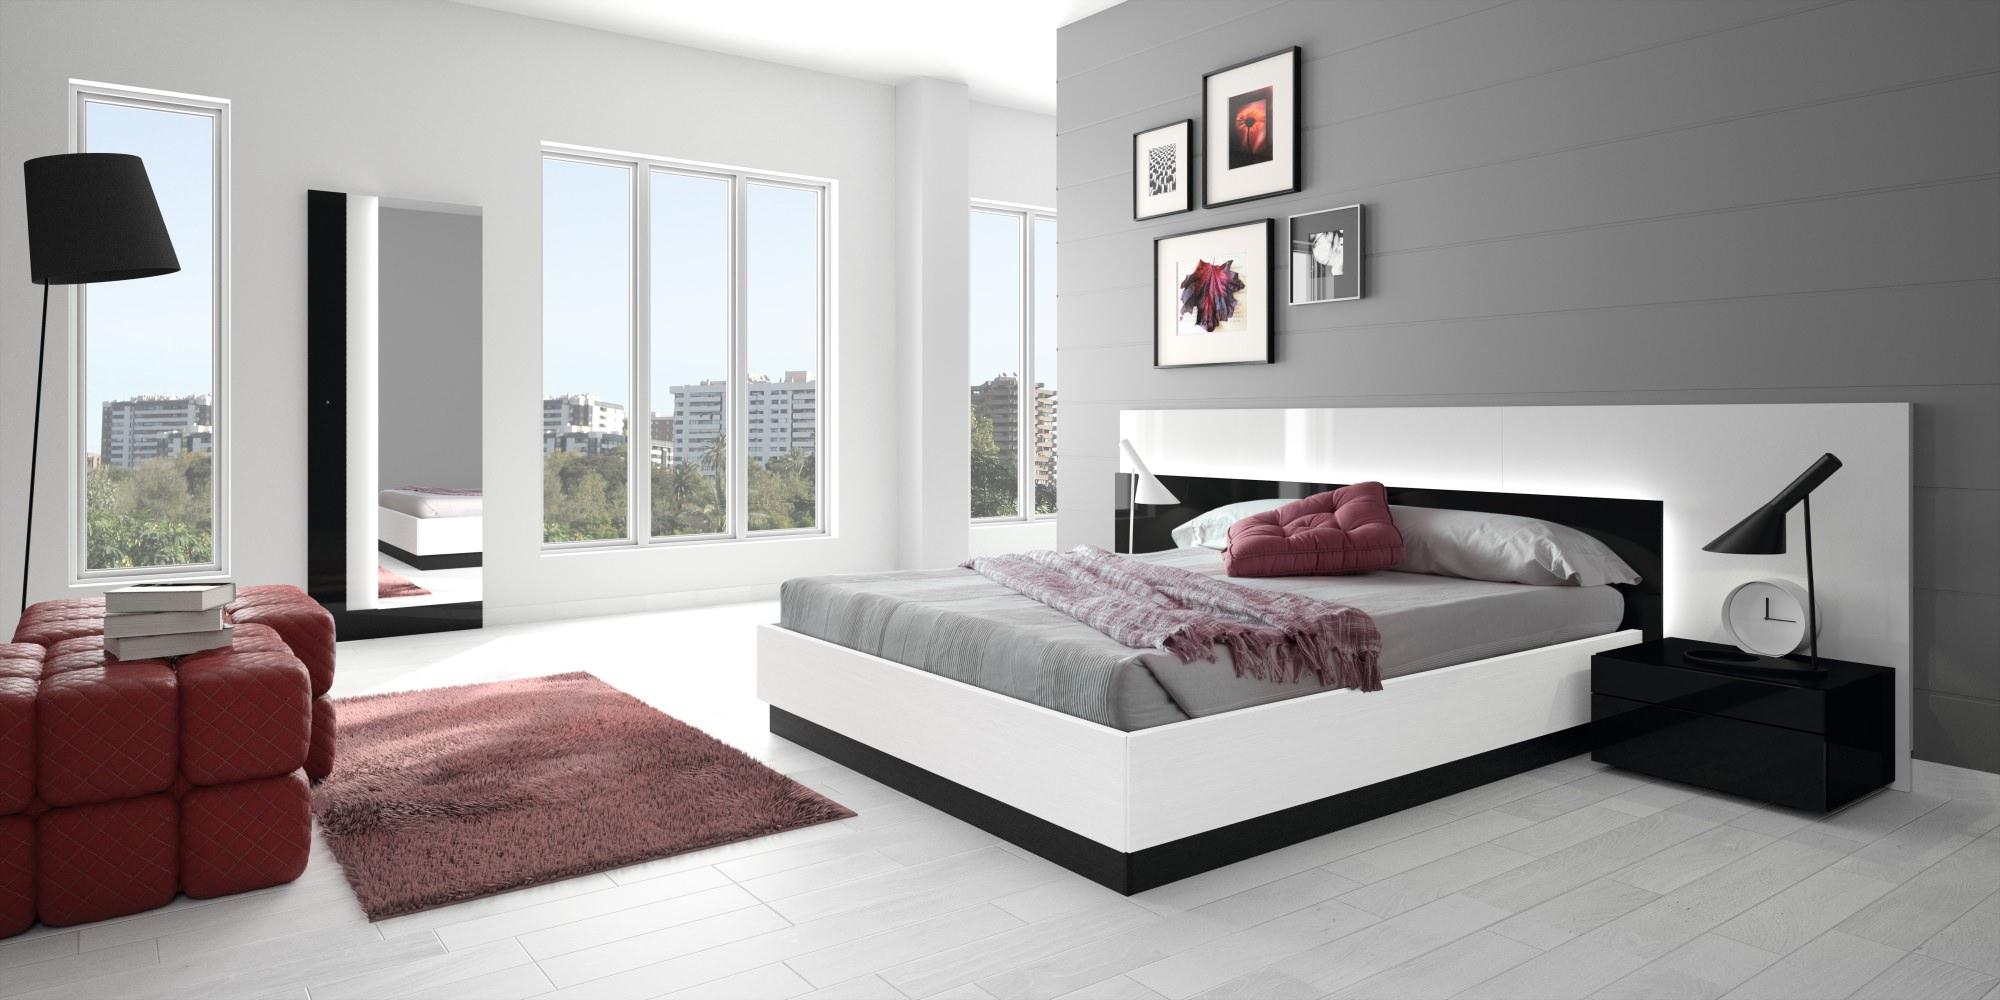 Красная и черно-белая мебель для спальни в стиле модерн